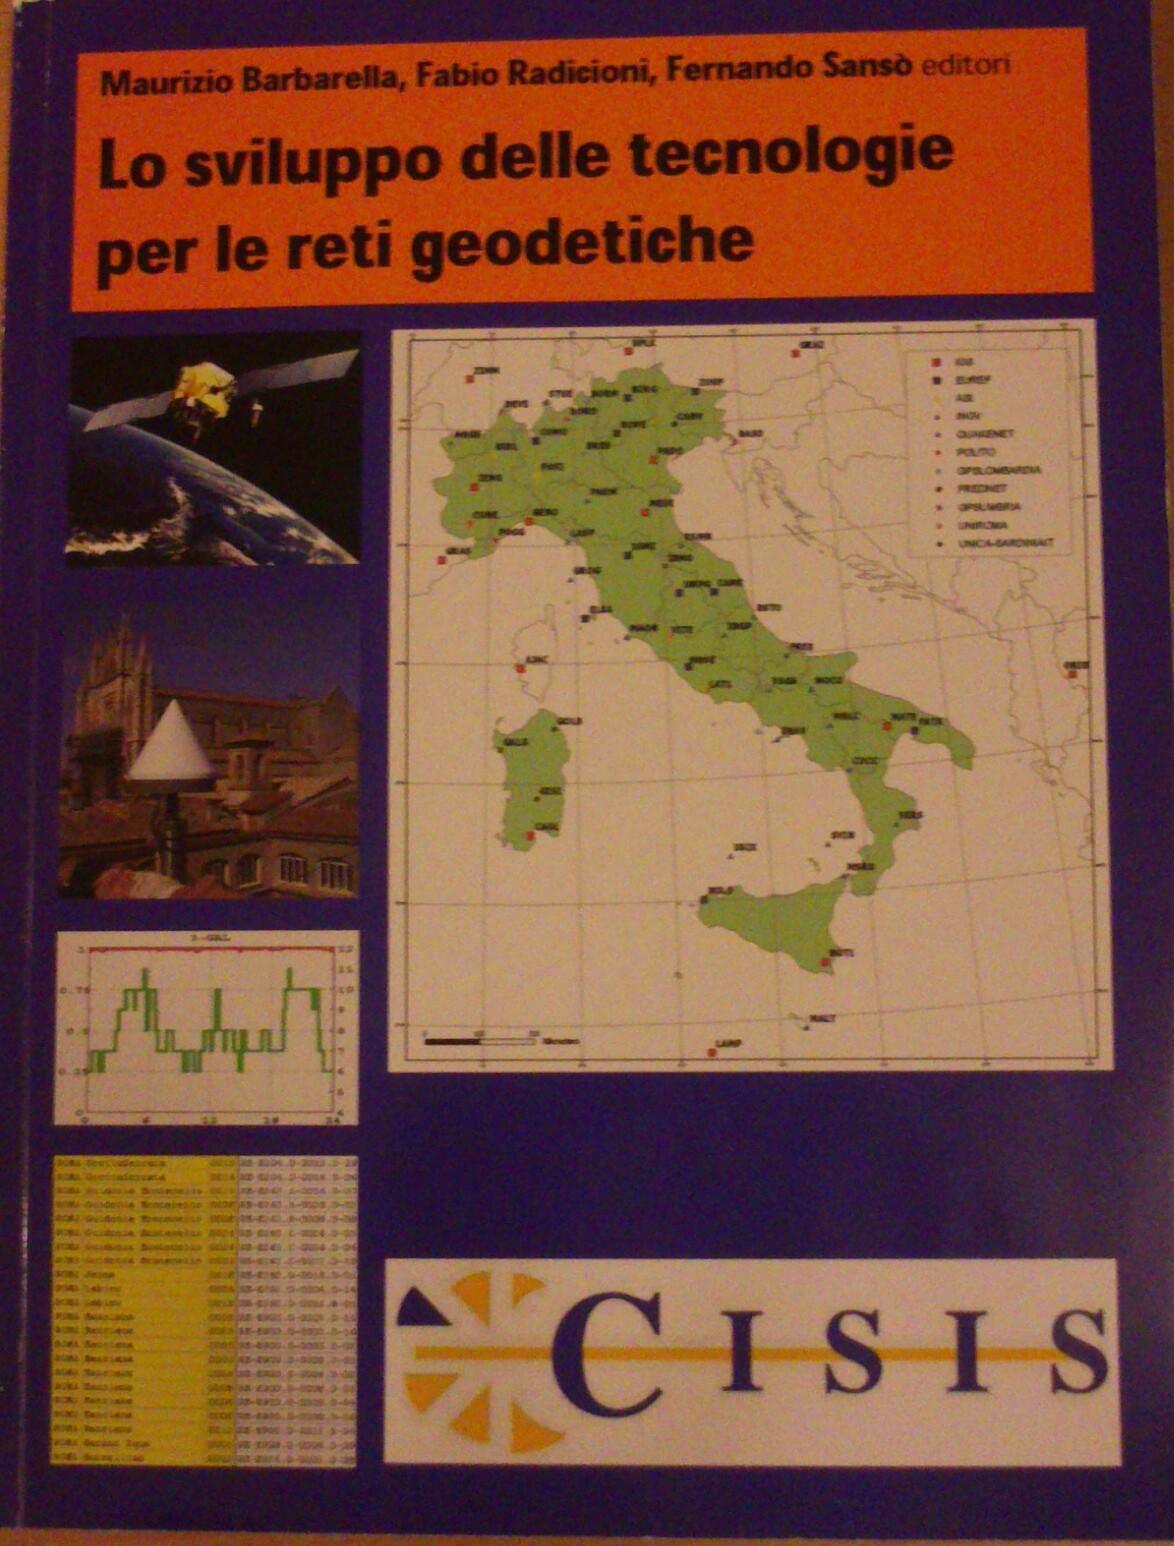 Lo sviluppo delle tecnologie per le reti geodetiche